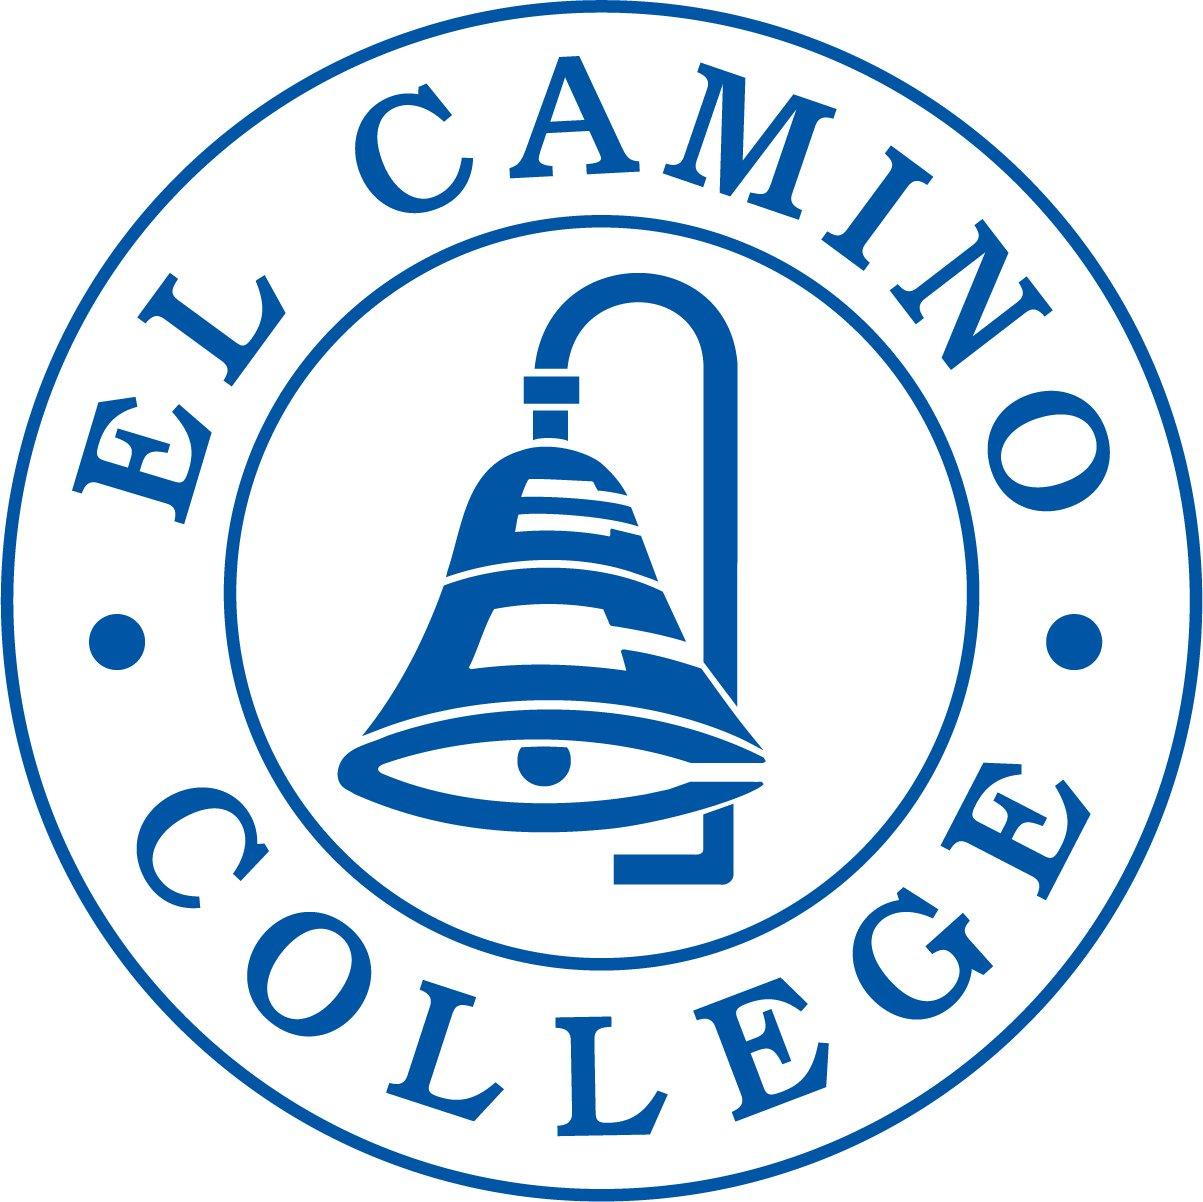 El Camino College >> El Camino College Ecc Online Twitter